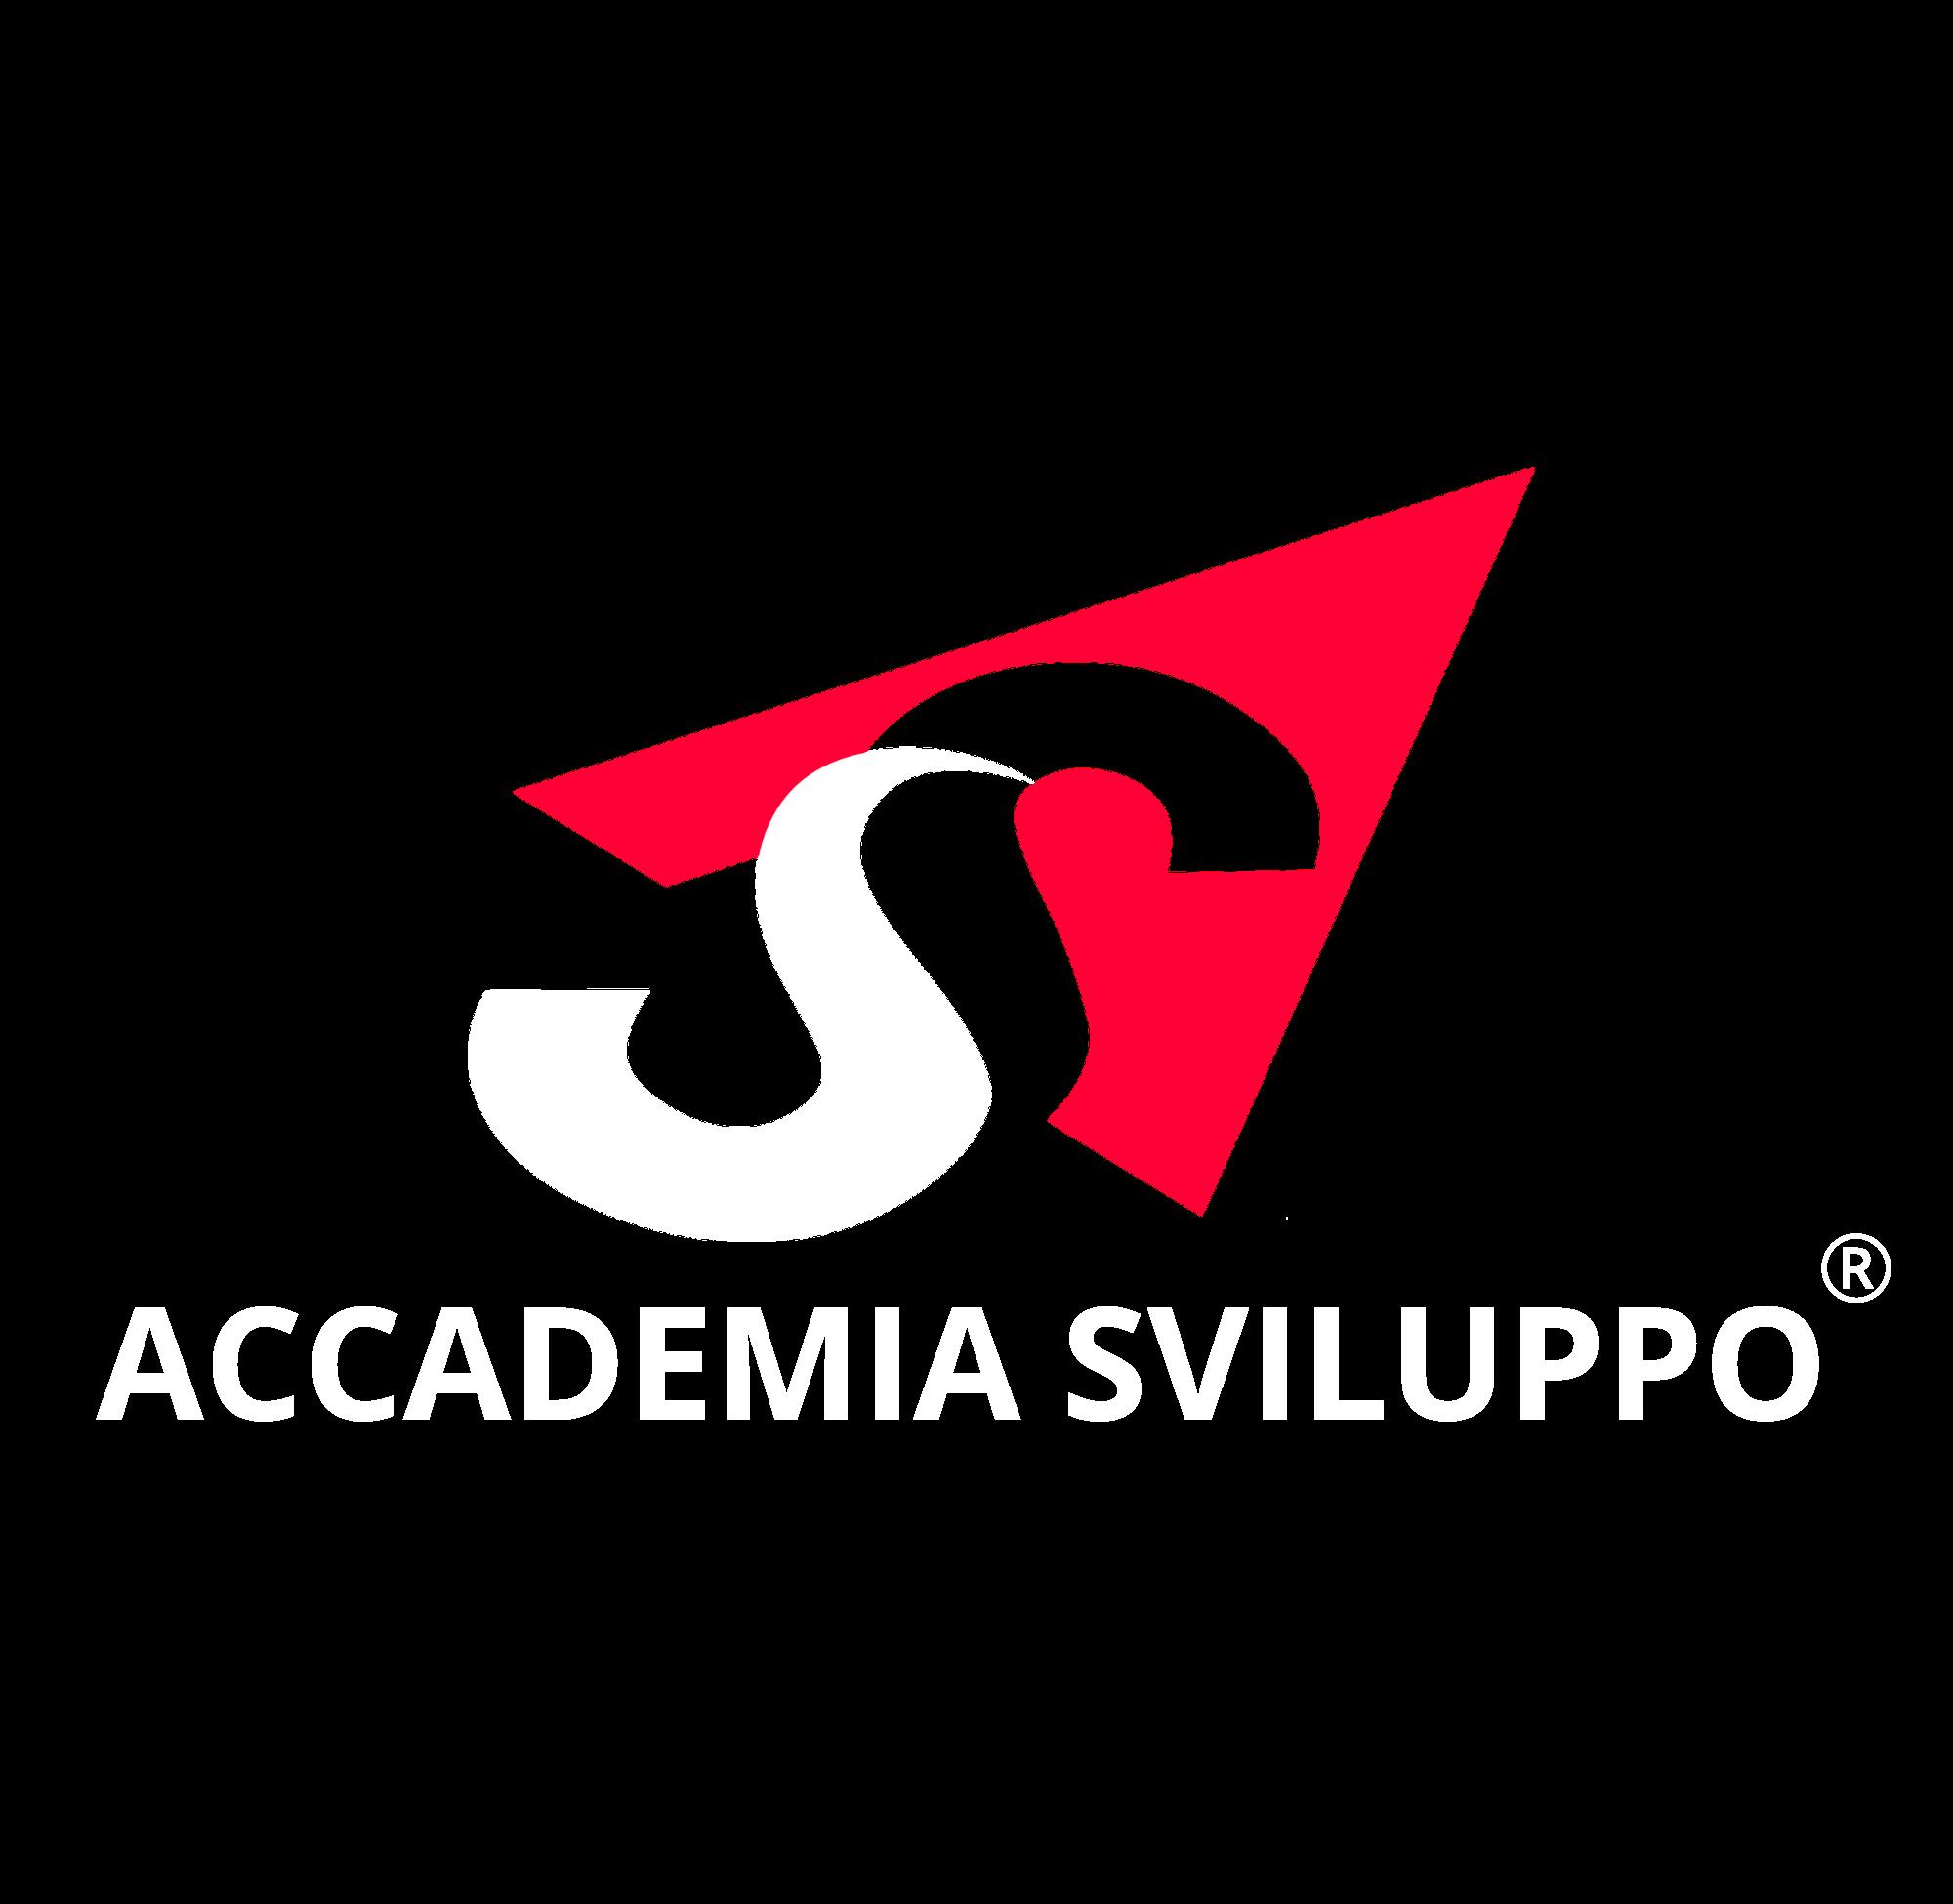 Accademia Sviluppo